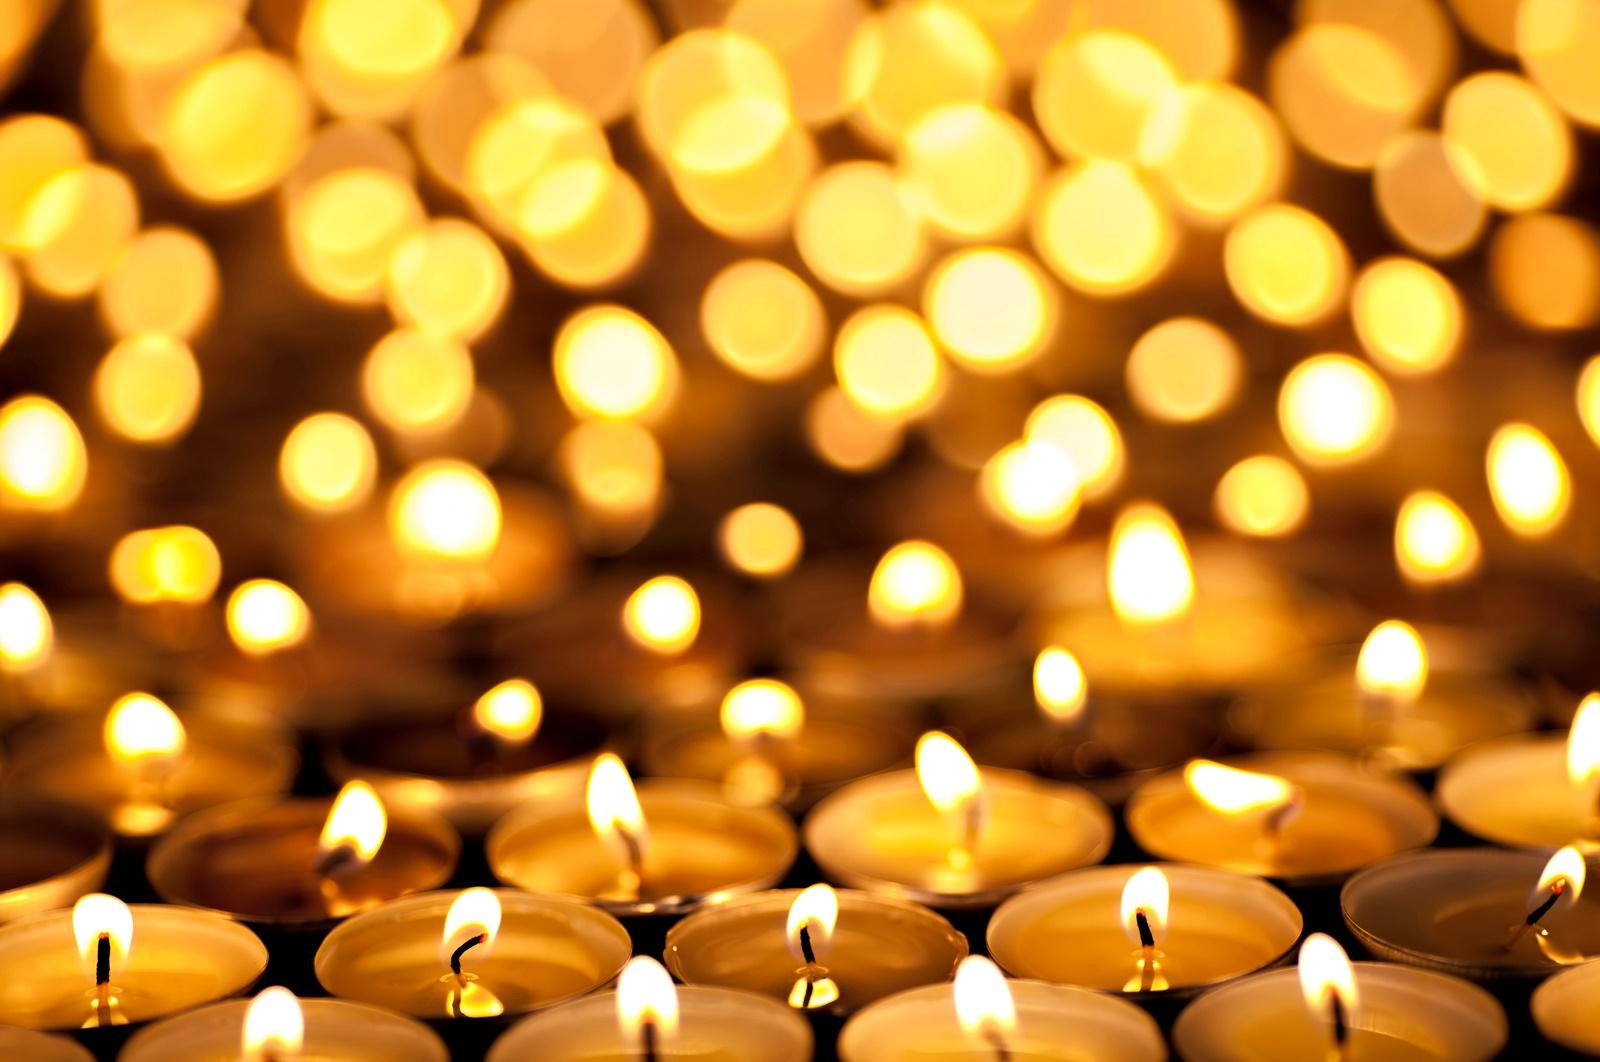 В Германия празникът се нарича Erntedankfest и се превежда като Празник за благодарност по жътва или Празник за благодарност за реколтата. Отбелязва се на различни дати из различните региони на Германия, въпреки че официалната препоръка на Германската католическа църква от 1972 г. е това да се случва през първата неделя на октомври.<br /> Той се празнува повече от религиозните общества и хората, занимаващи се със земеделие, и представлява по-скоро църковна служба, отколкото празненство в американския му смисъл. На него се дарява храна на бедните и се организират шествия със свещи.